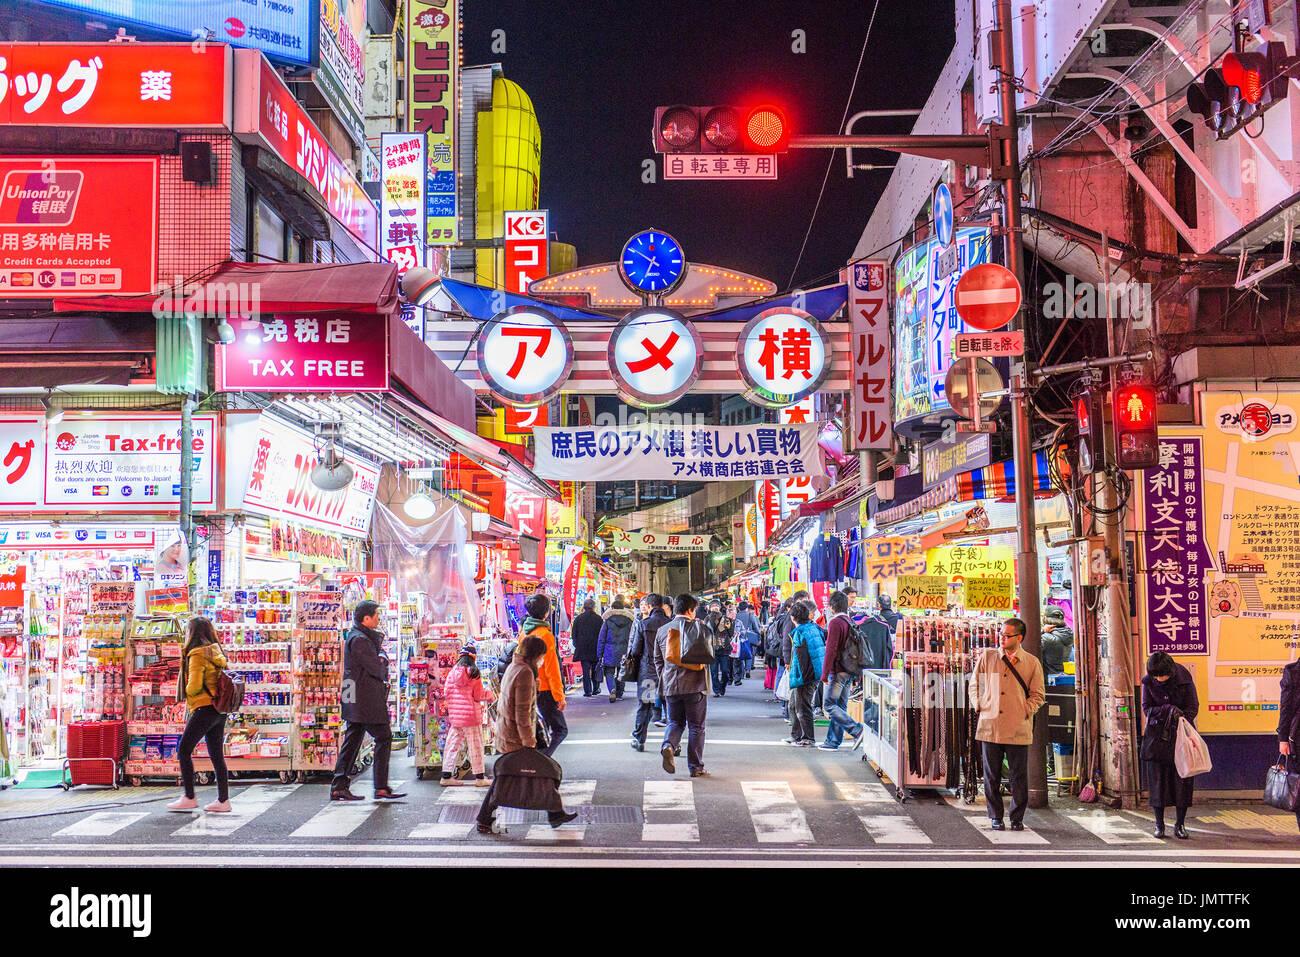 Tokio, Japón - Diciembre 28, 2015: Las multitudes en Ameyoko distrito comercial de Tokio. La calle era el sitio de un mercado negro en los años siguientes Mundo Imagen De Stock